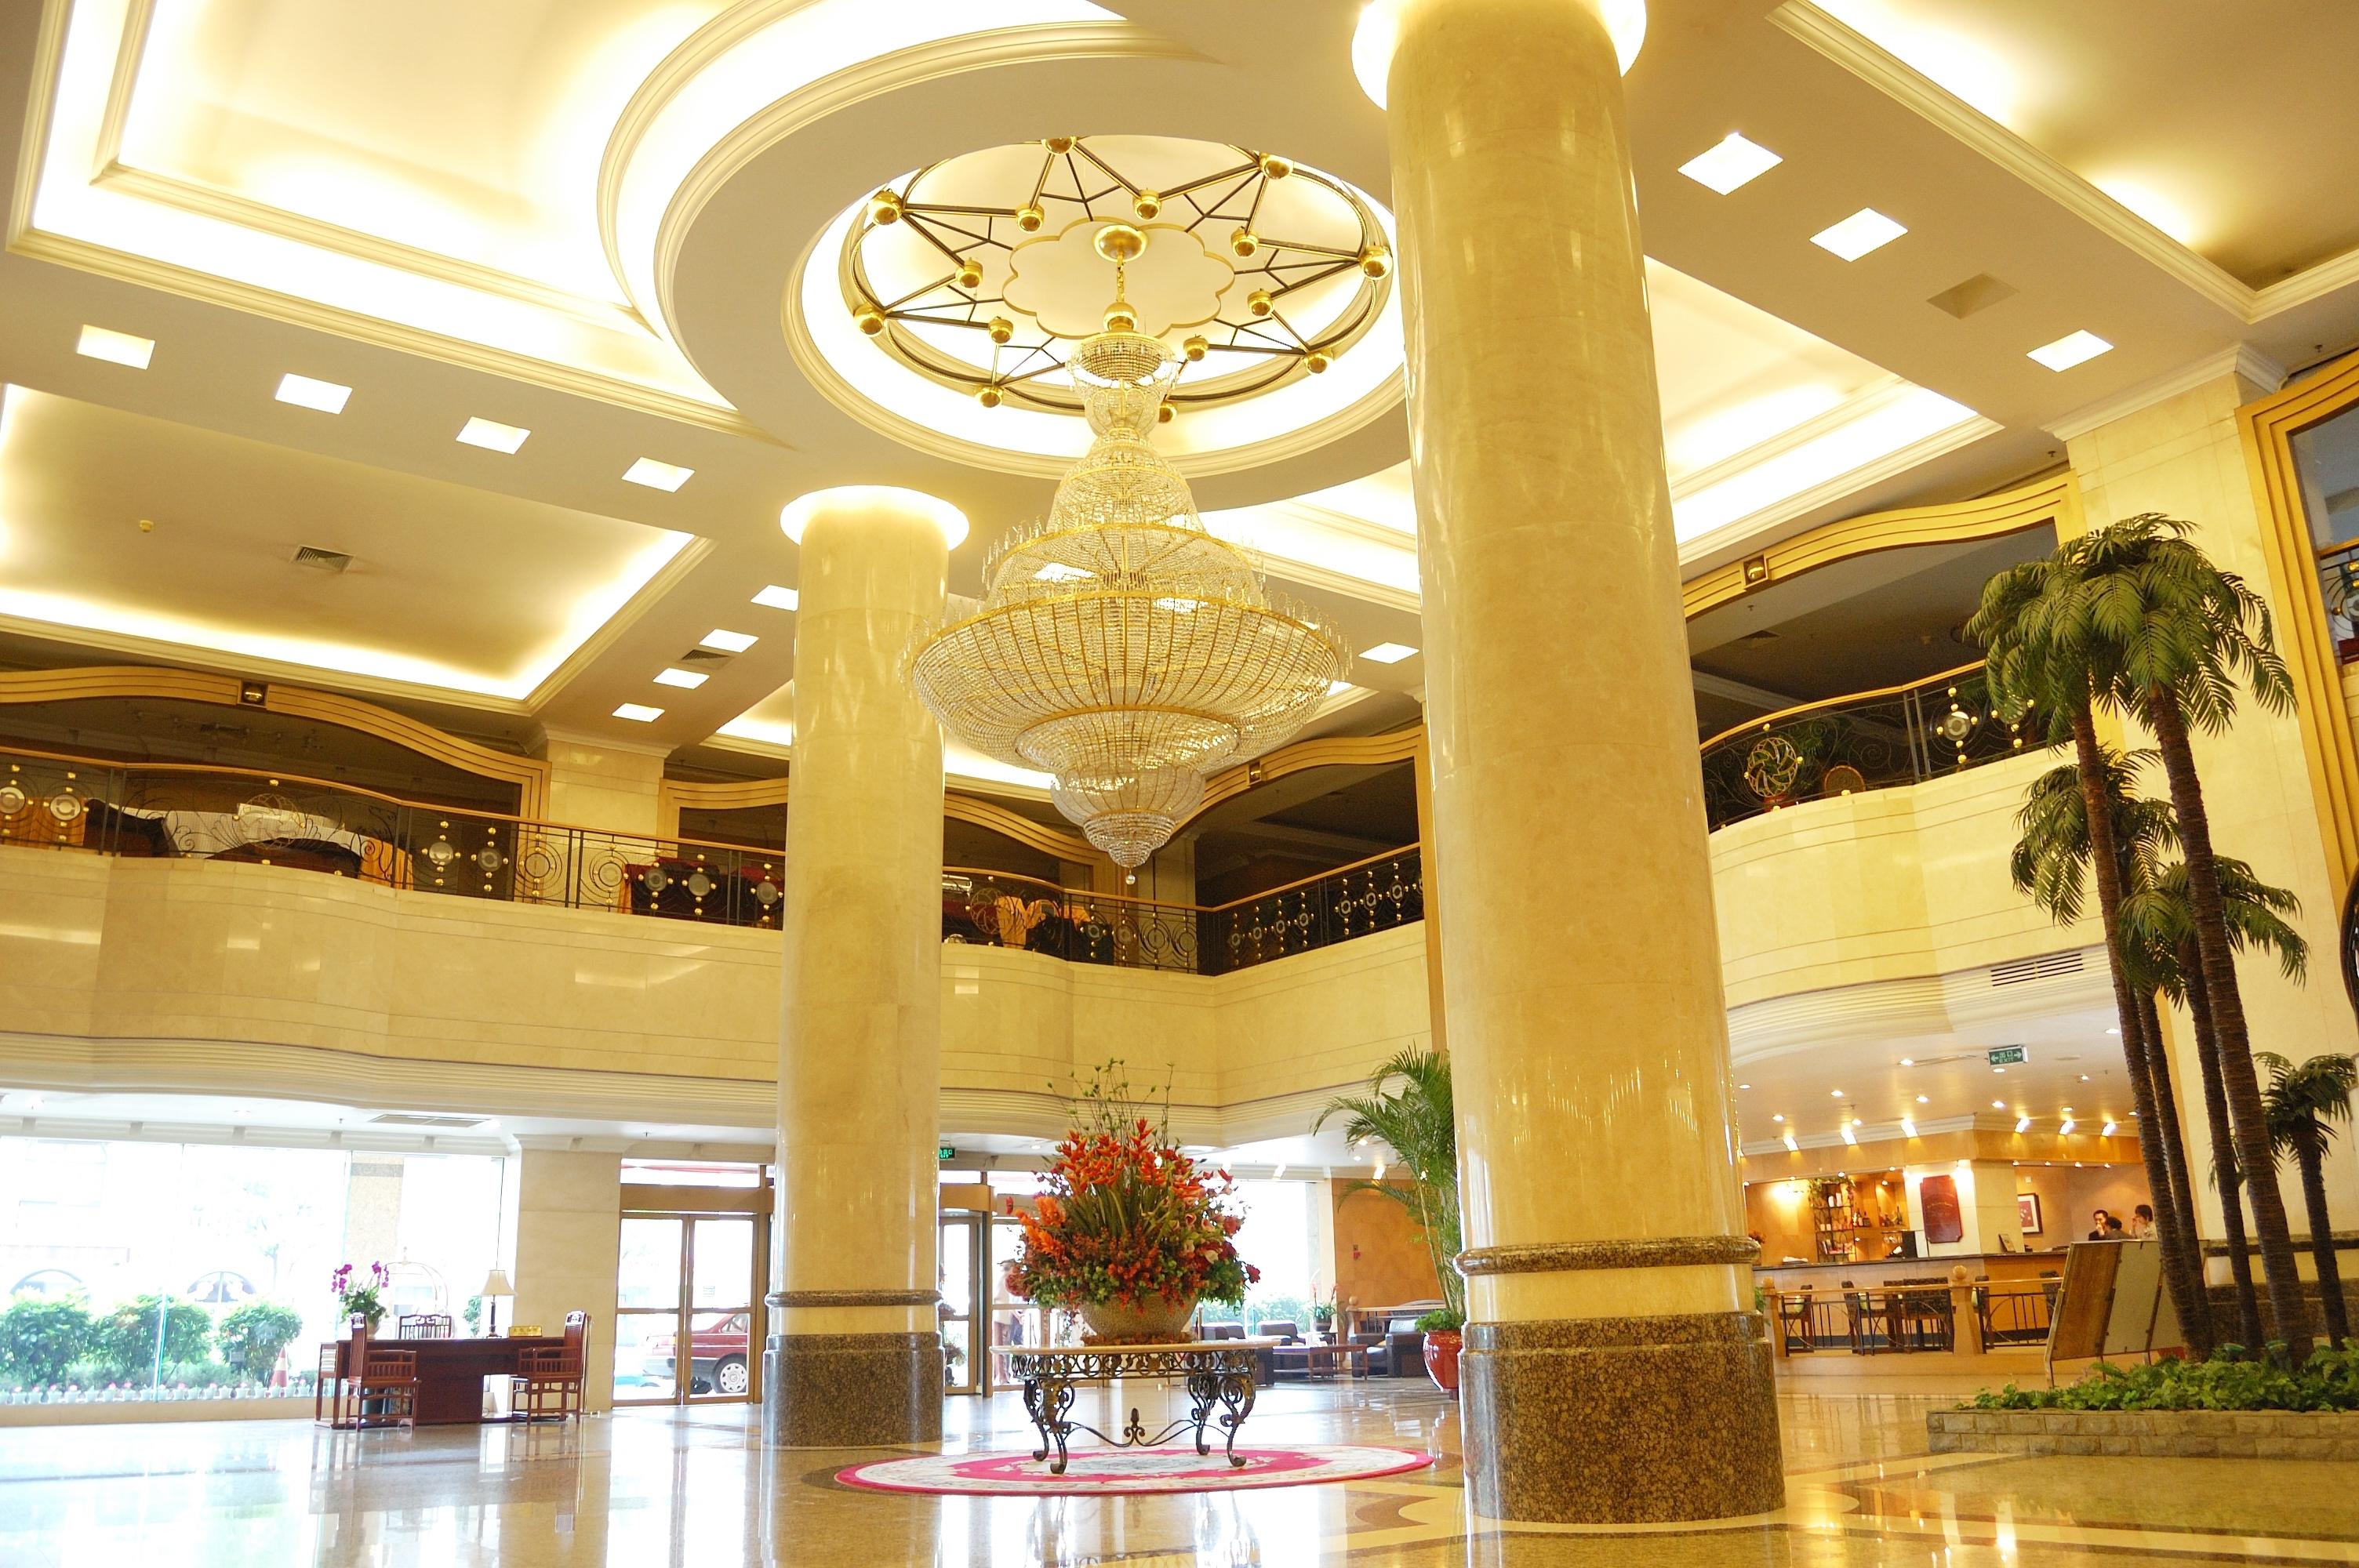 Hotel Lighting With Led Strip Lights Flexfire Leds Blog